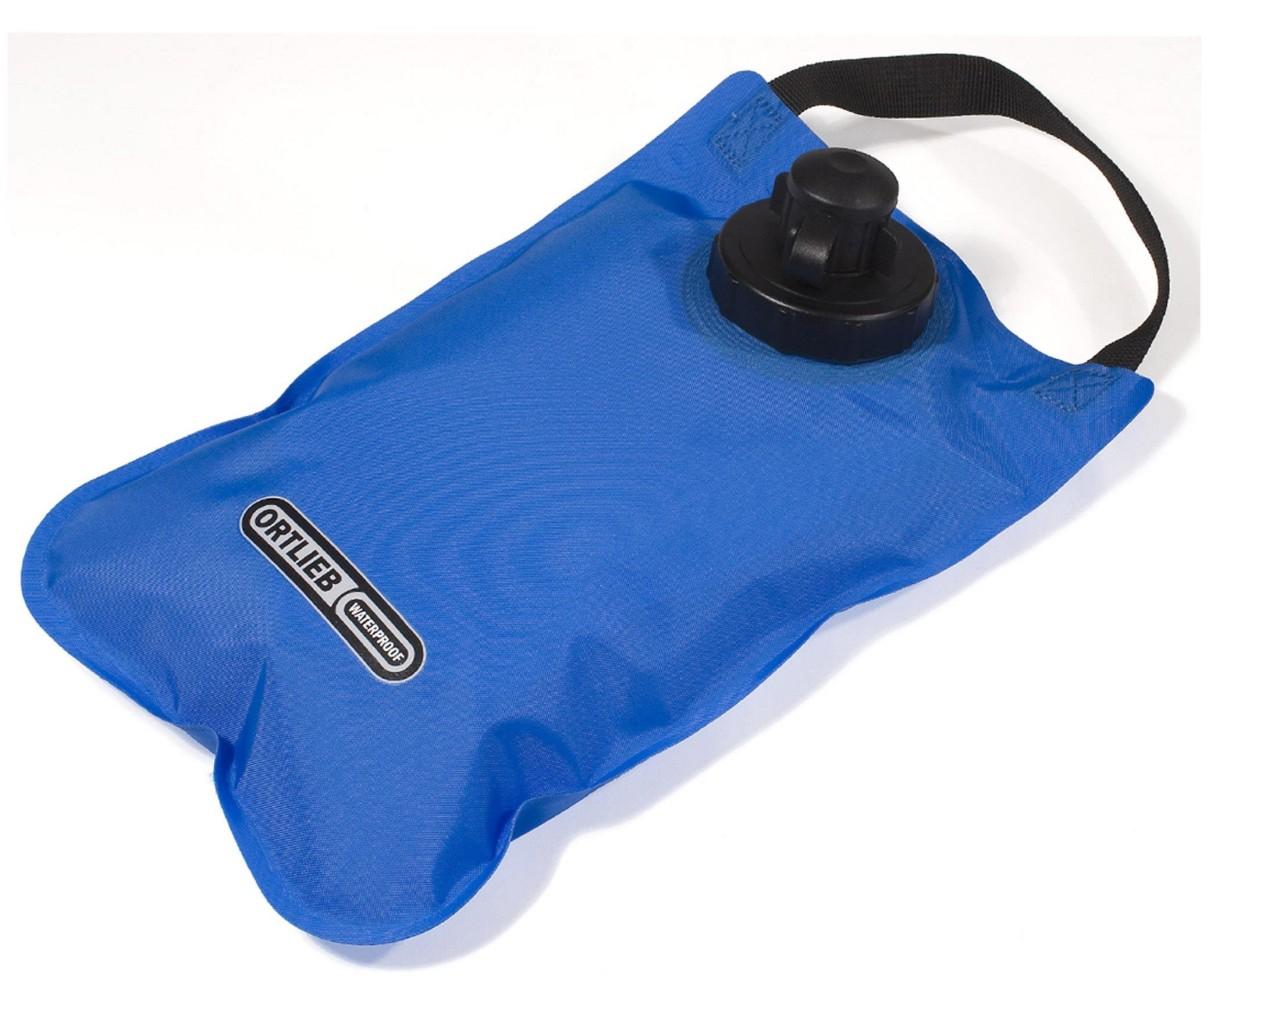 Ortlieb water bag 2 liter   blue